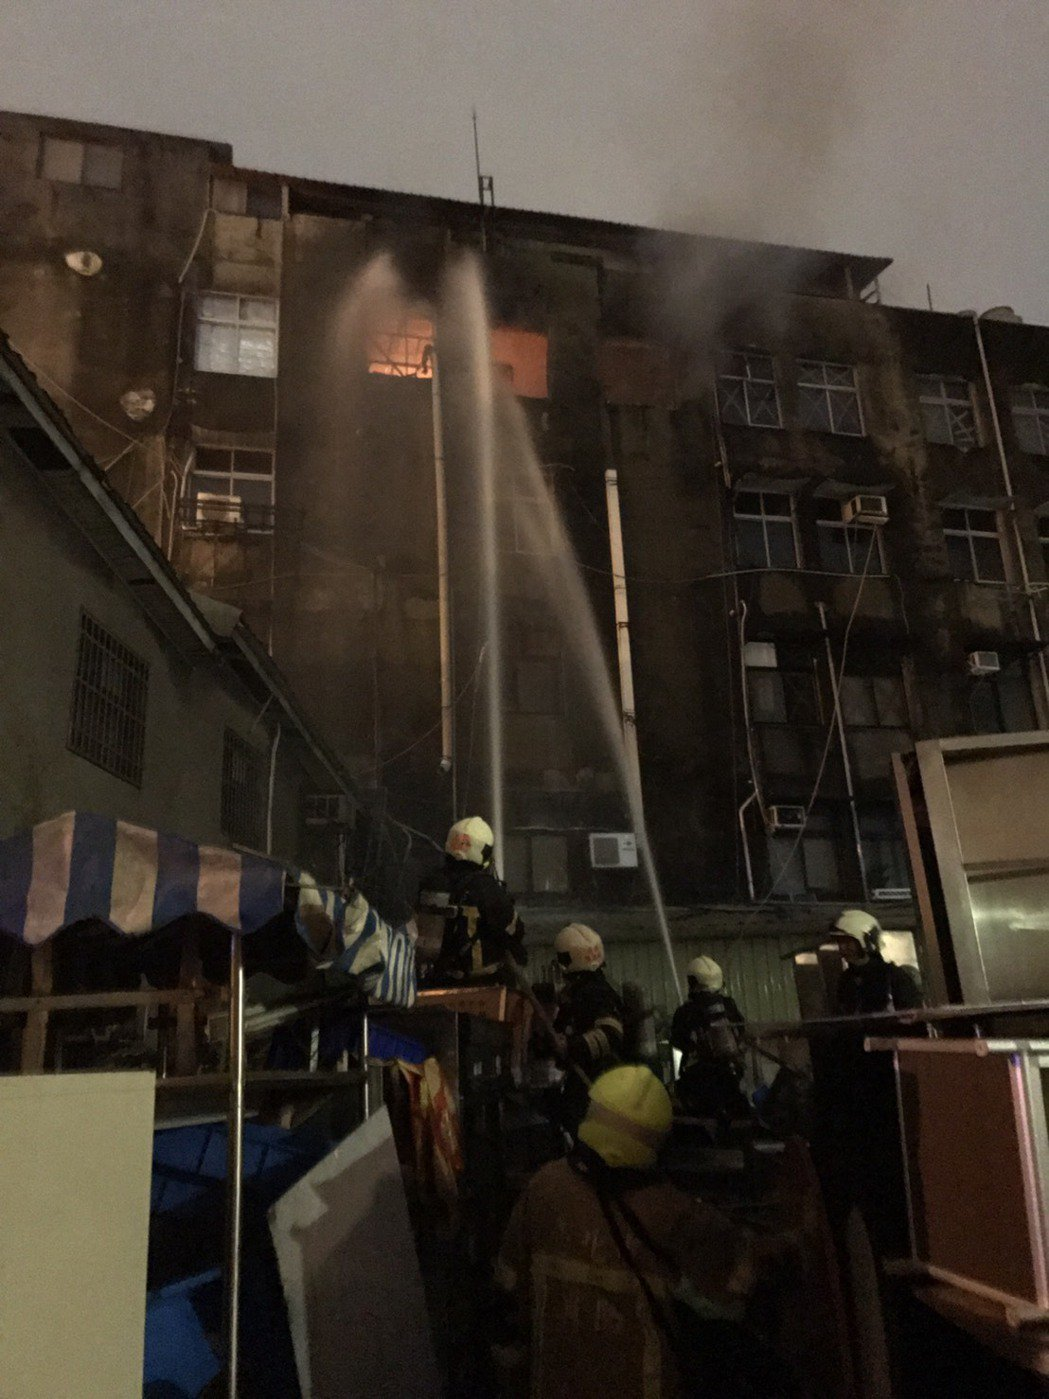 昨晚北市重慶南路三段發生火警,消防員衝現場受傷。